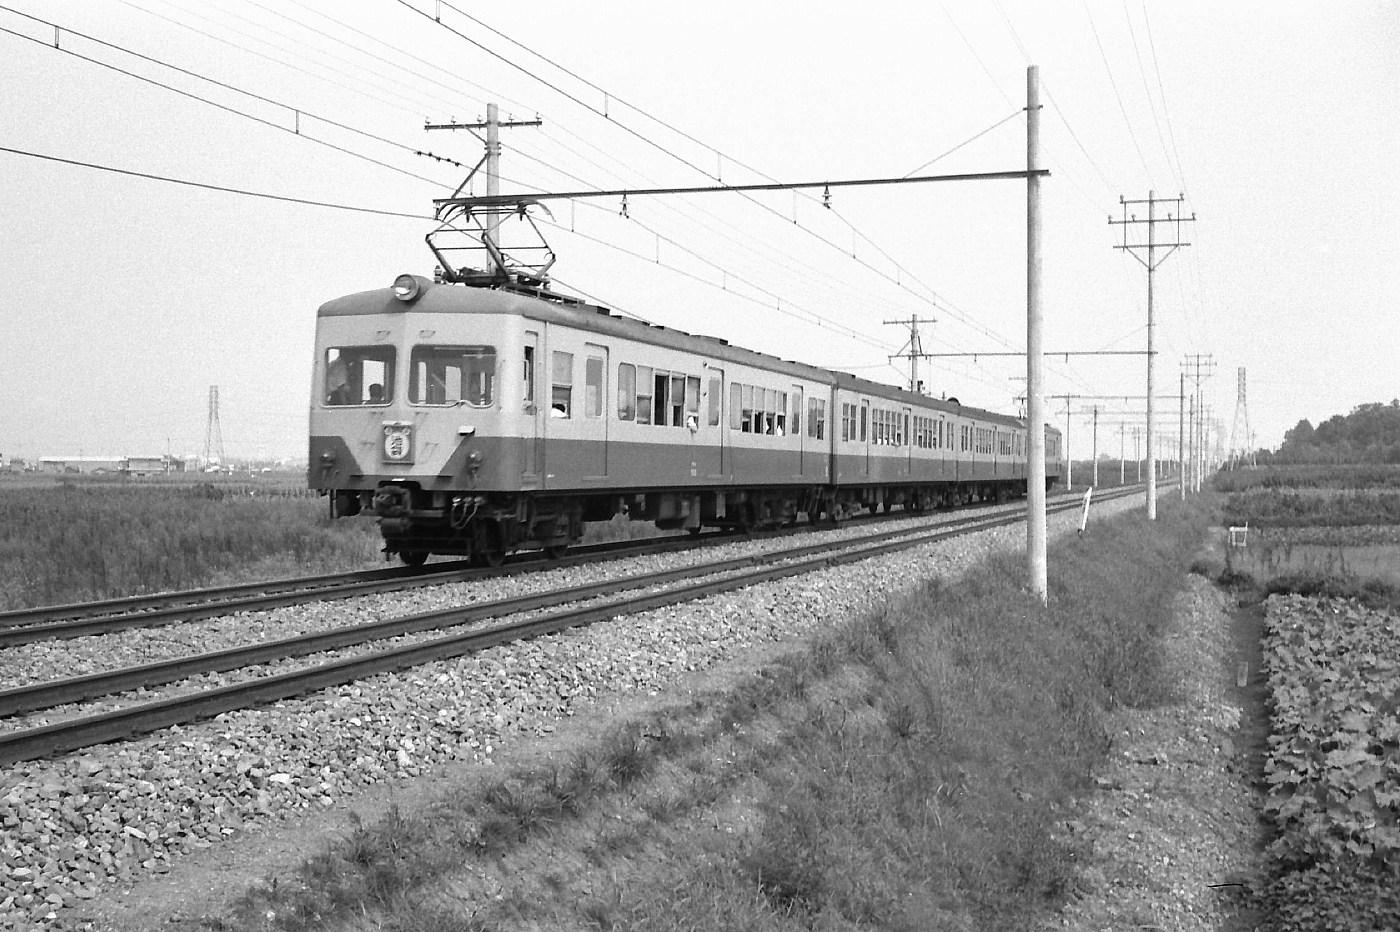 西武電車2012年 その5_a0251146_3325529.jpg